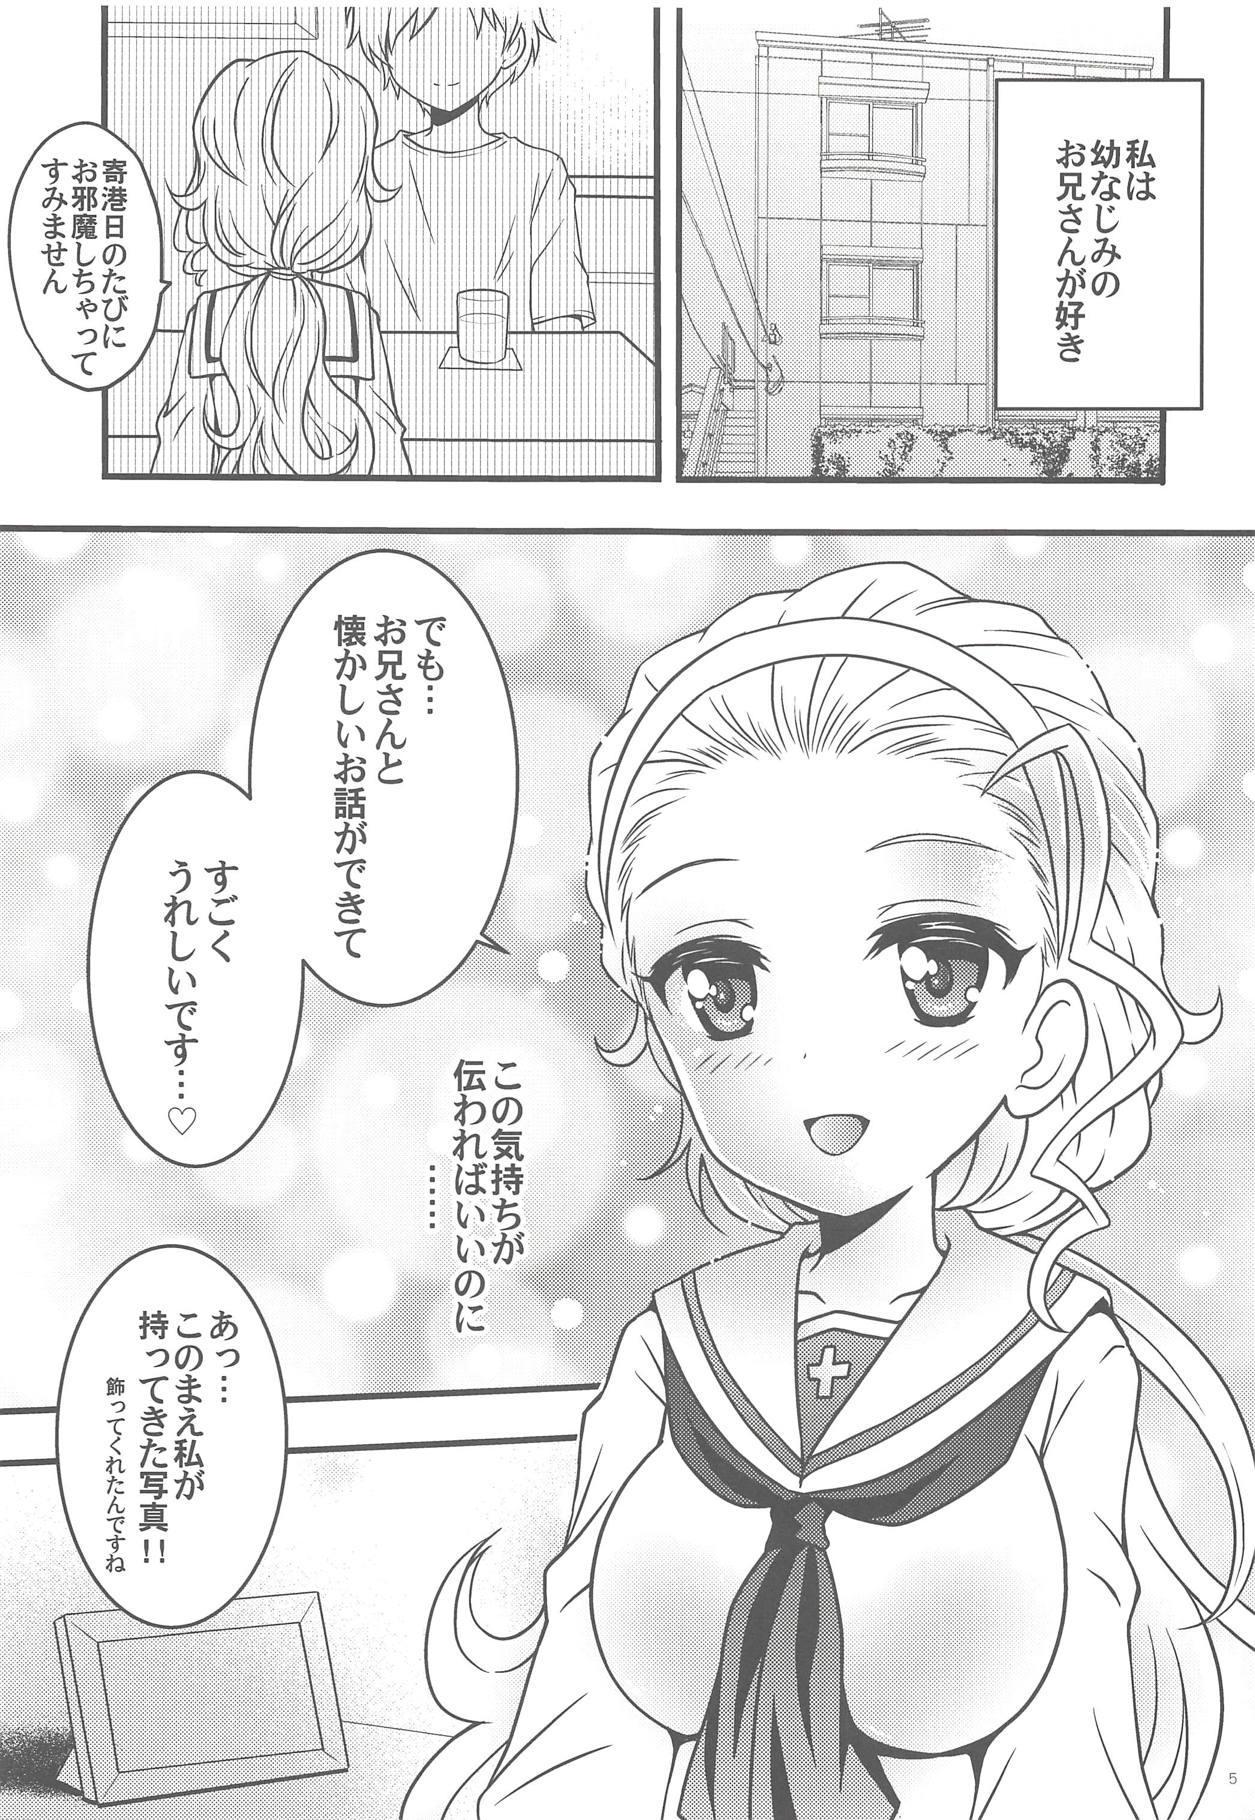 Iyashite!! Akebi-chan 3